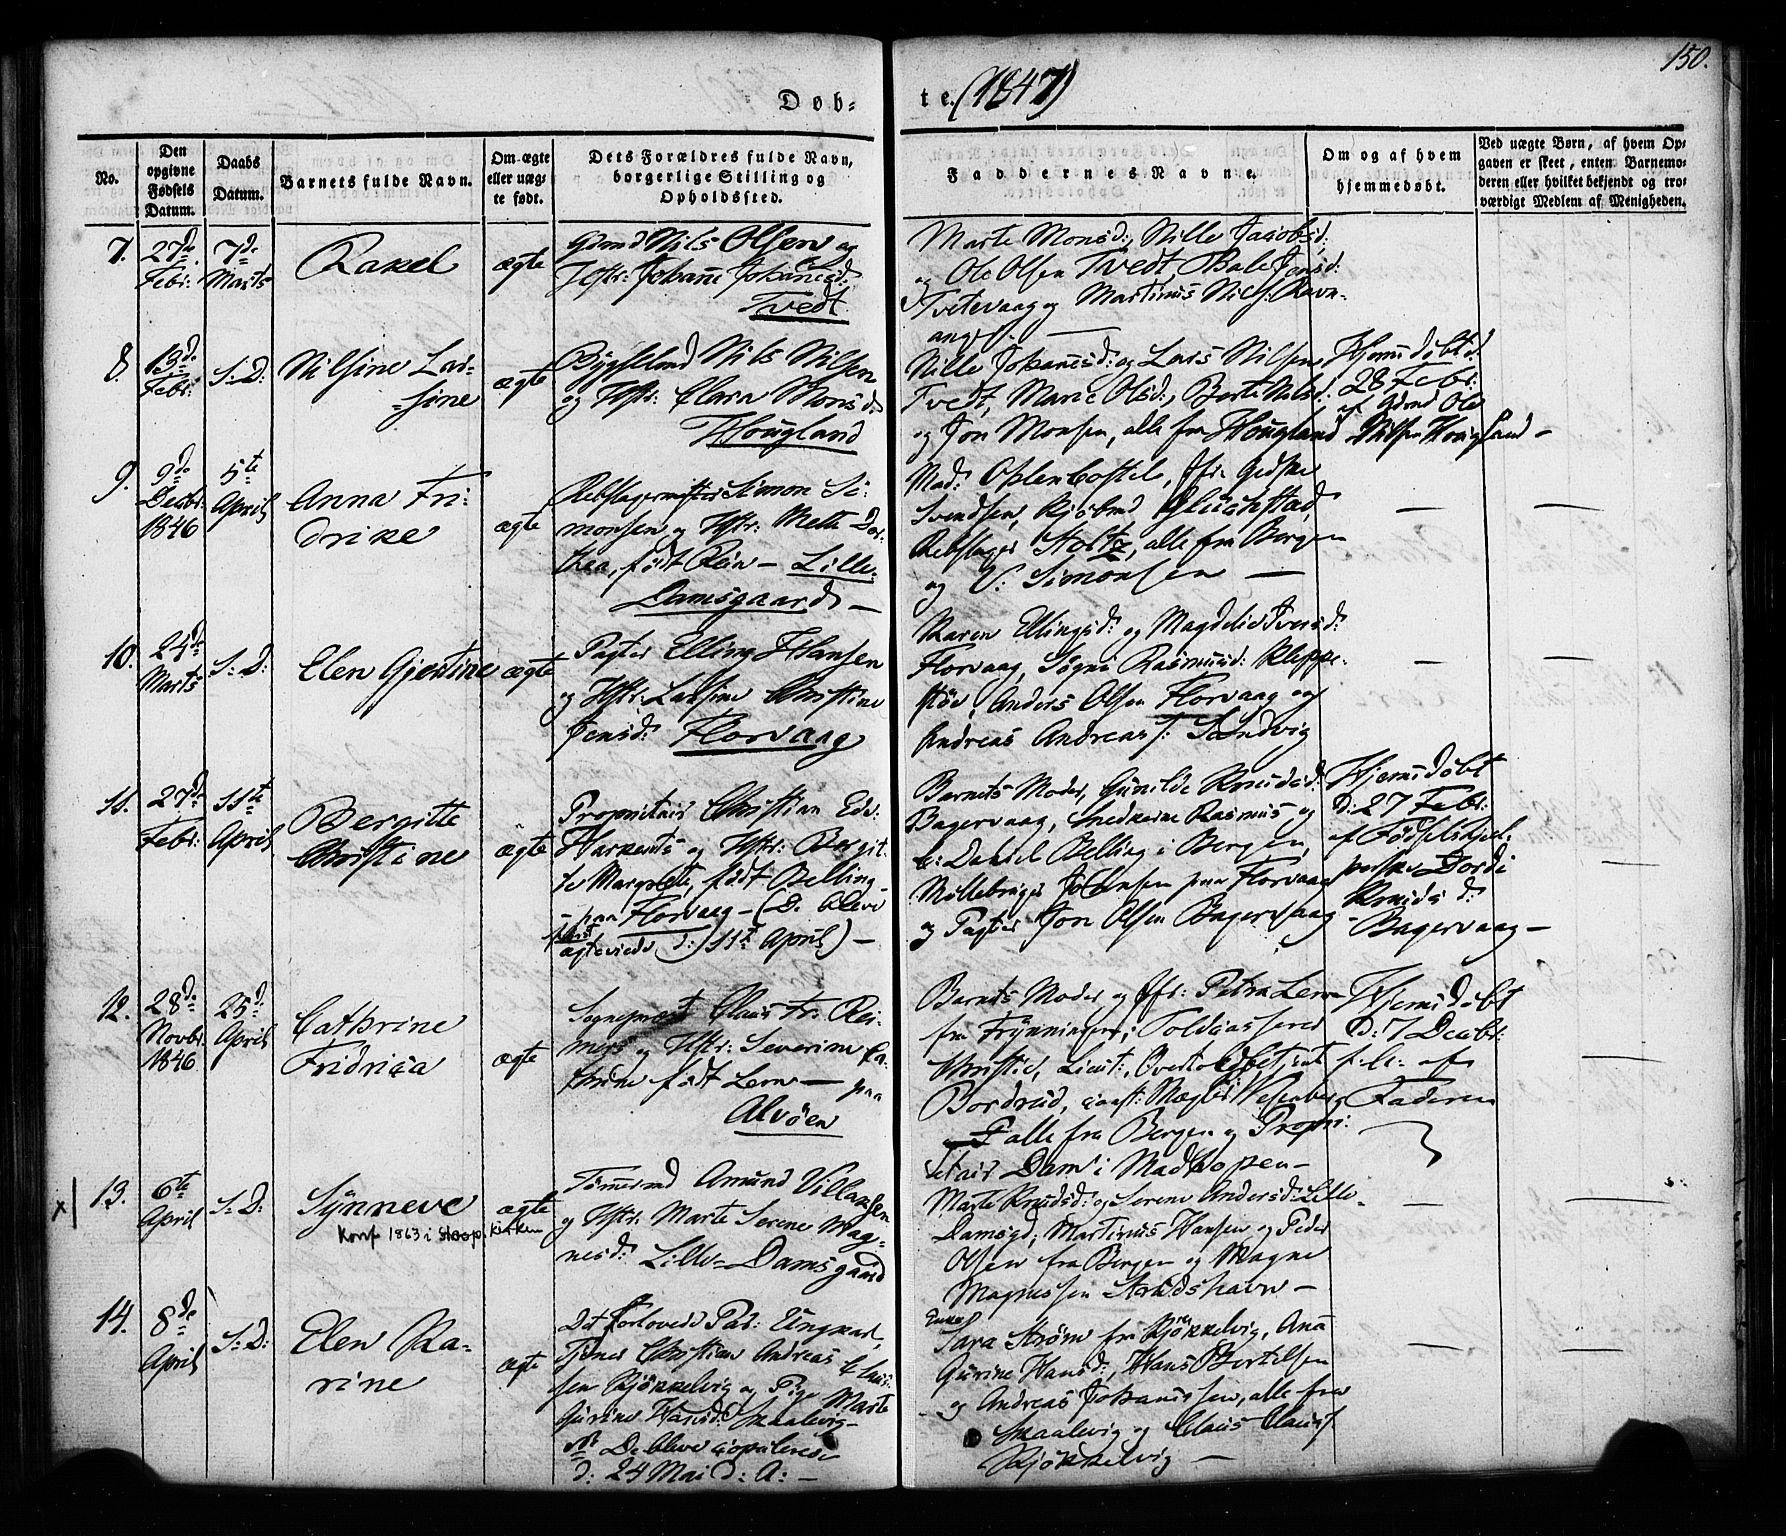 SAB, Askøy Sokneprestembete, H/Ha/Haa/Haaa/L0005: Ministerialbok nr. A 5, 1836-1852, s. 150